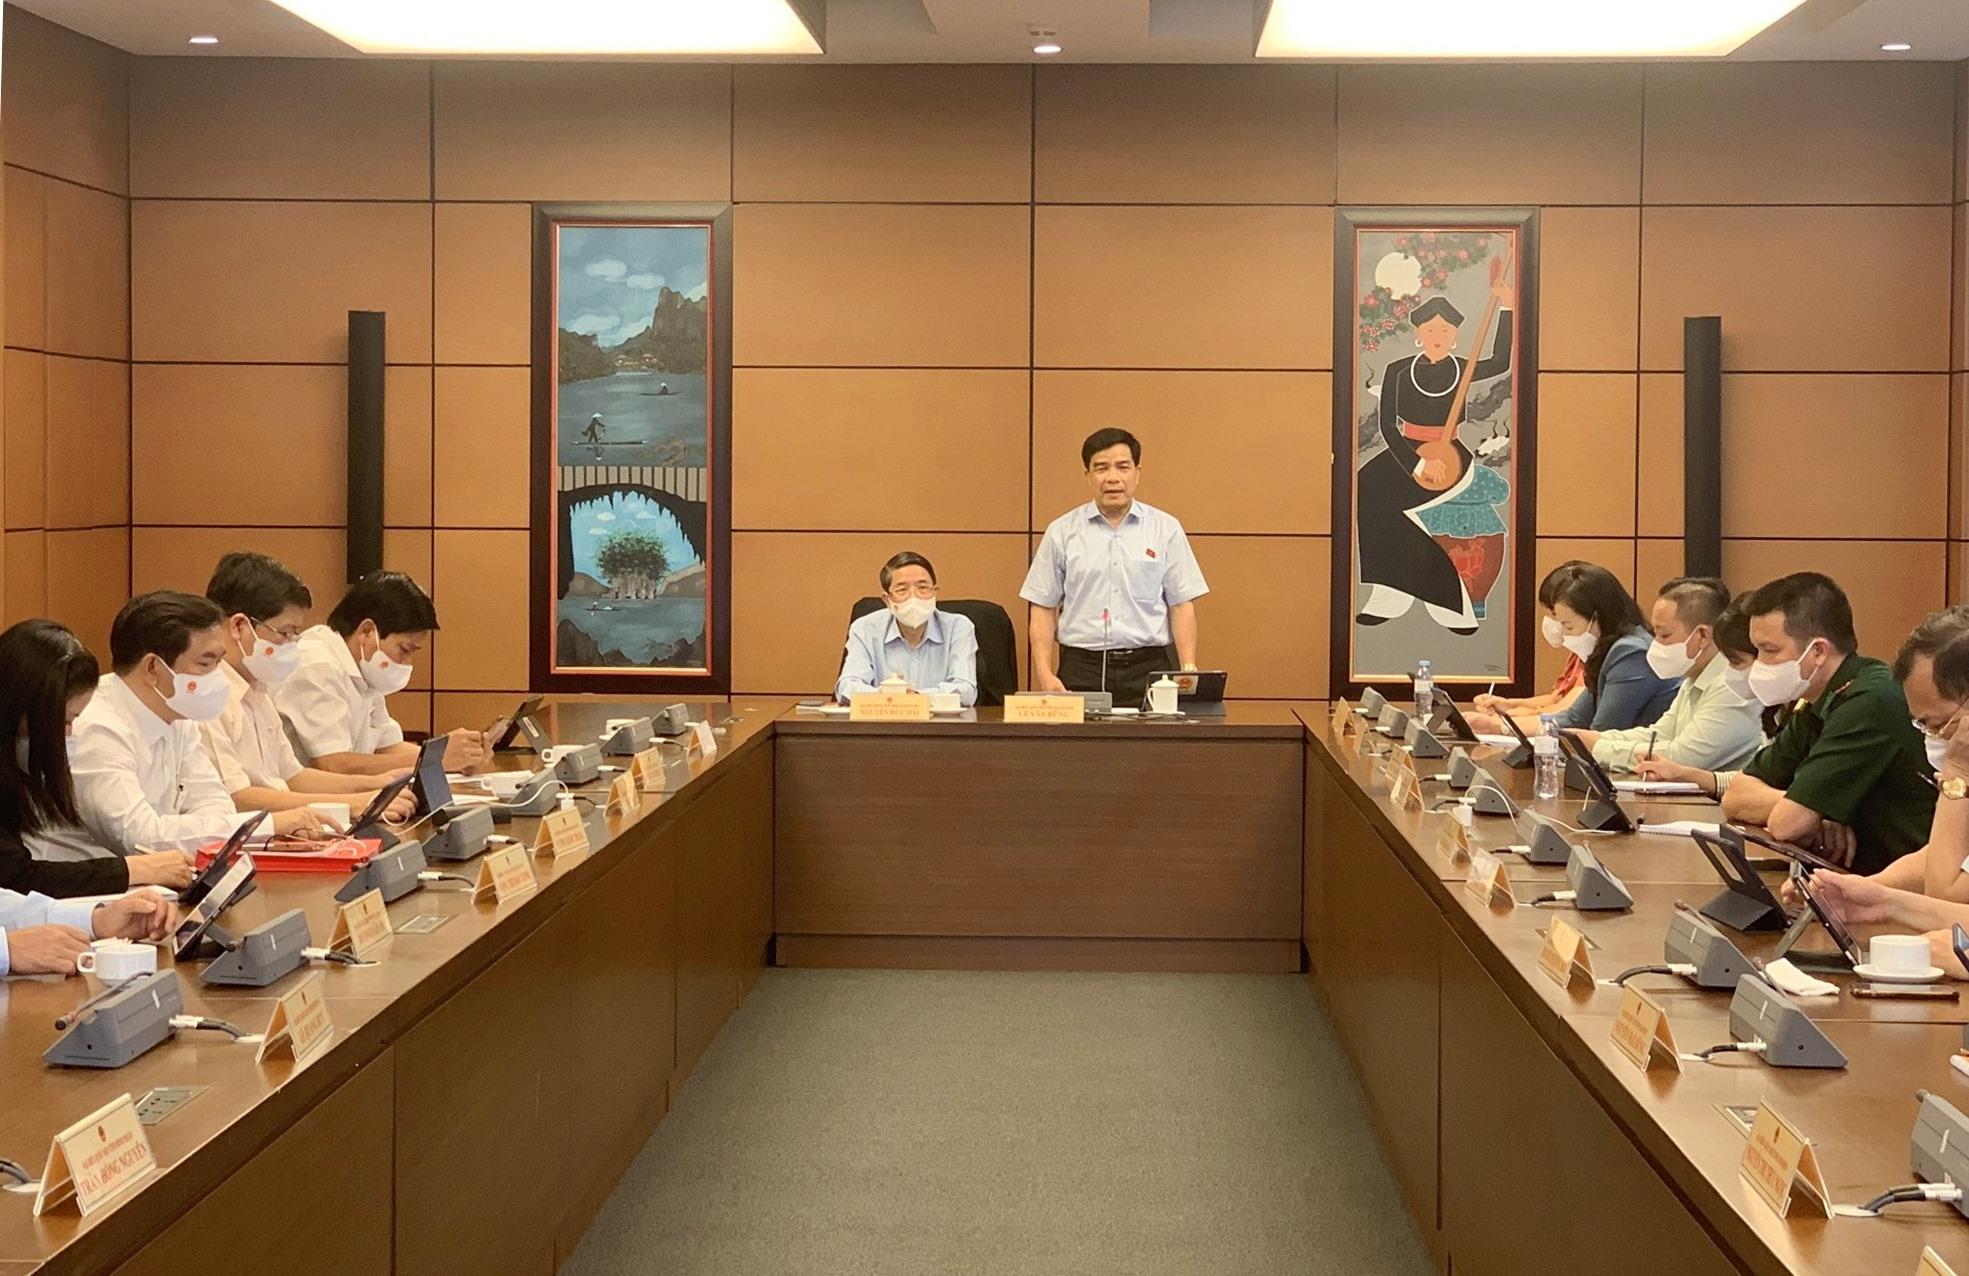 Ông Lê Văn Dũng - Đoàn ĐBQH tỉnh Quảng Nam chủ trì phiên thảo luận tổ